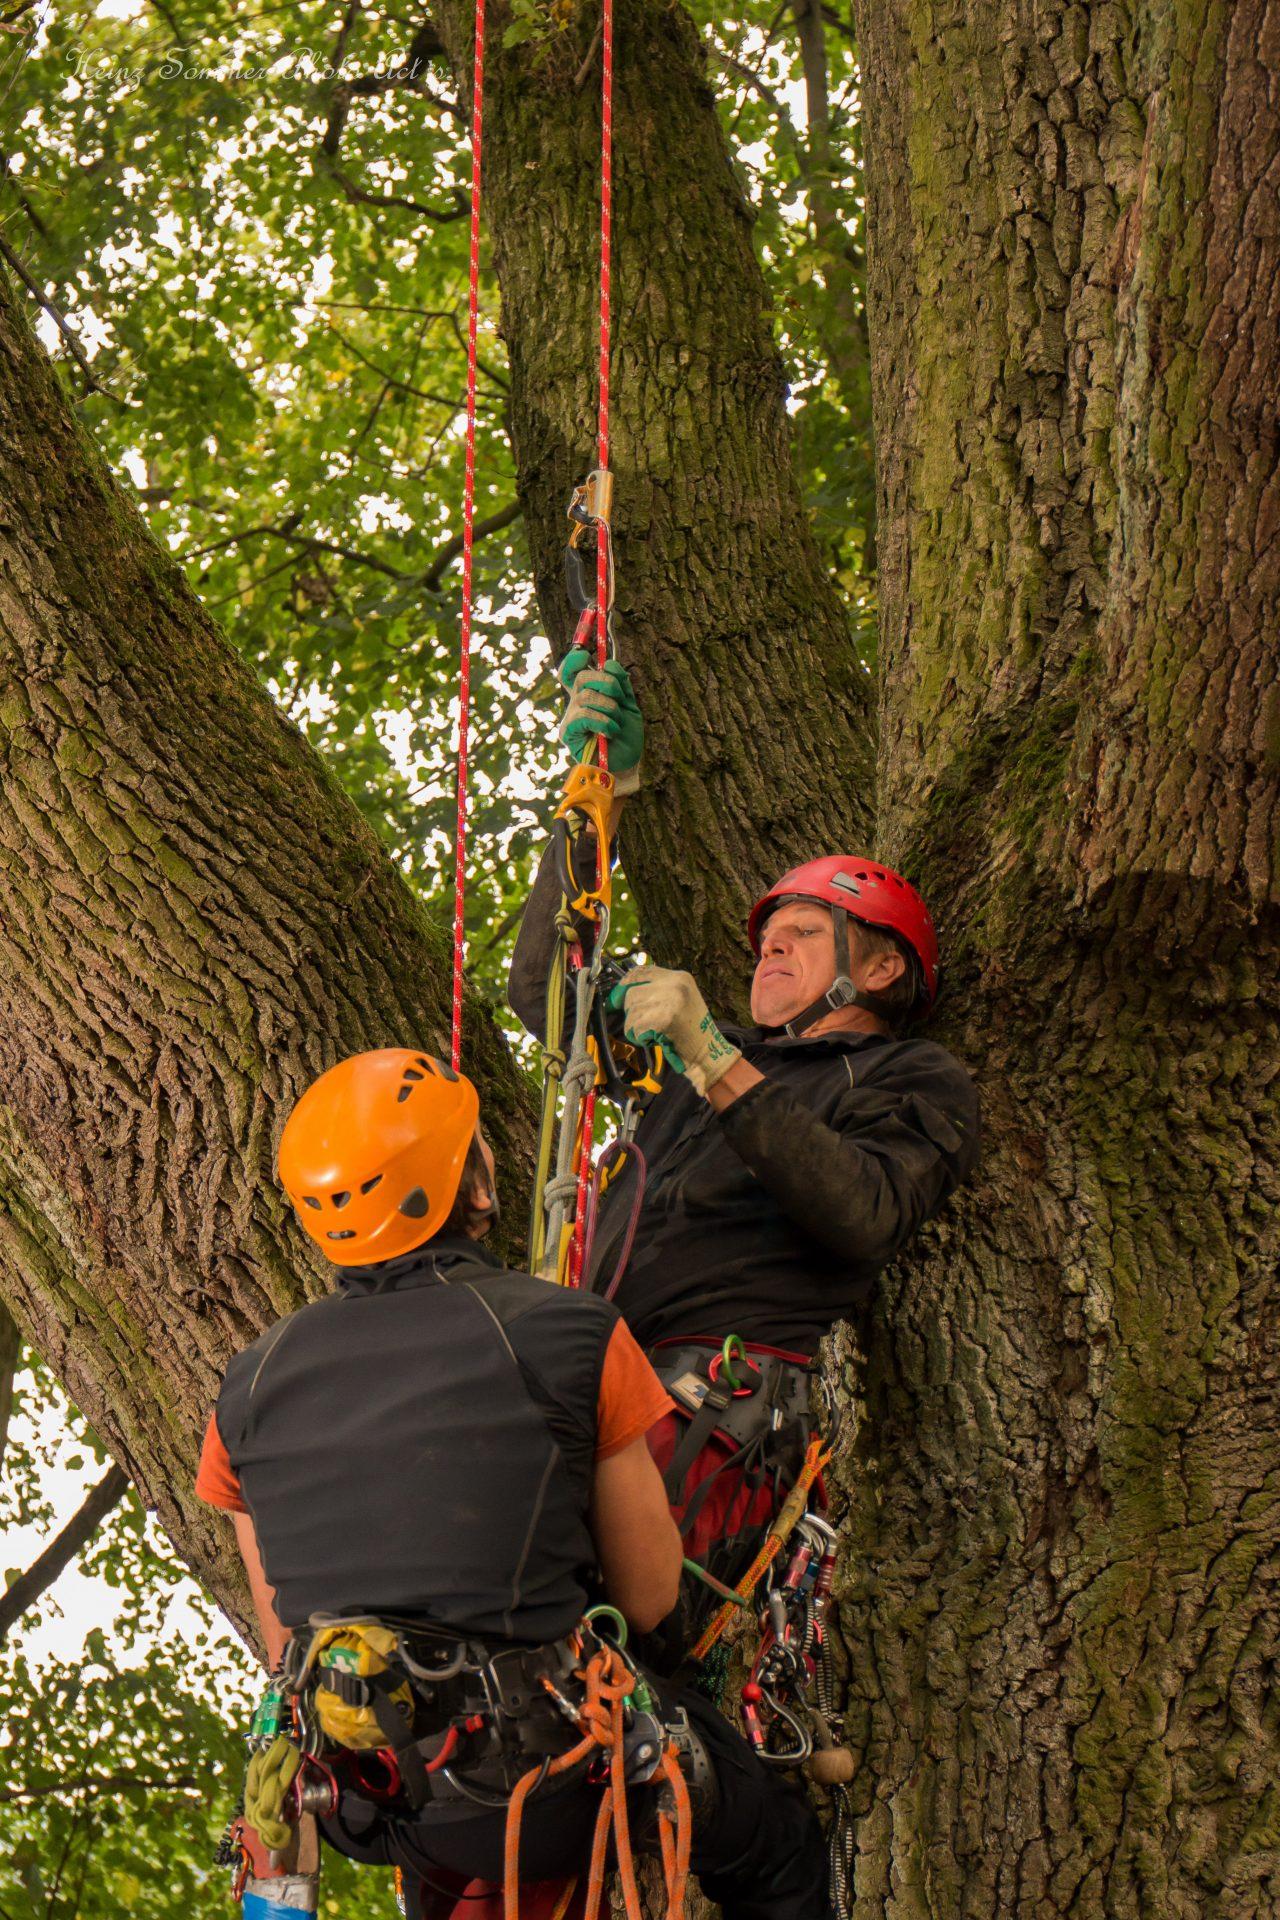 Rettung aus dem Aufstiegsseil beim Baumkletterwochenende mit Rettungsübung - Busch Baumpflege